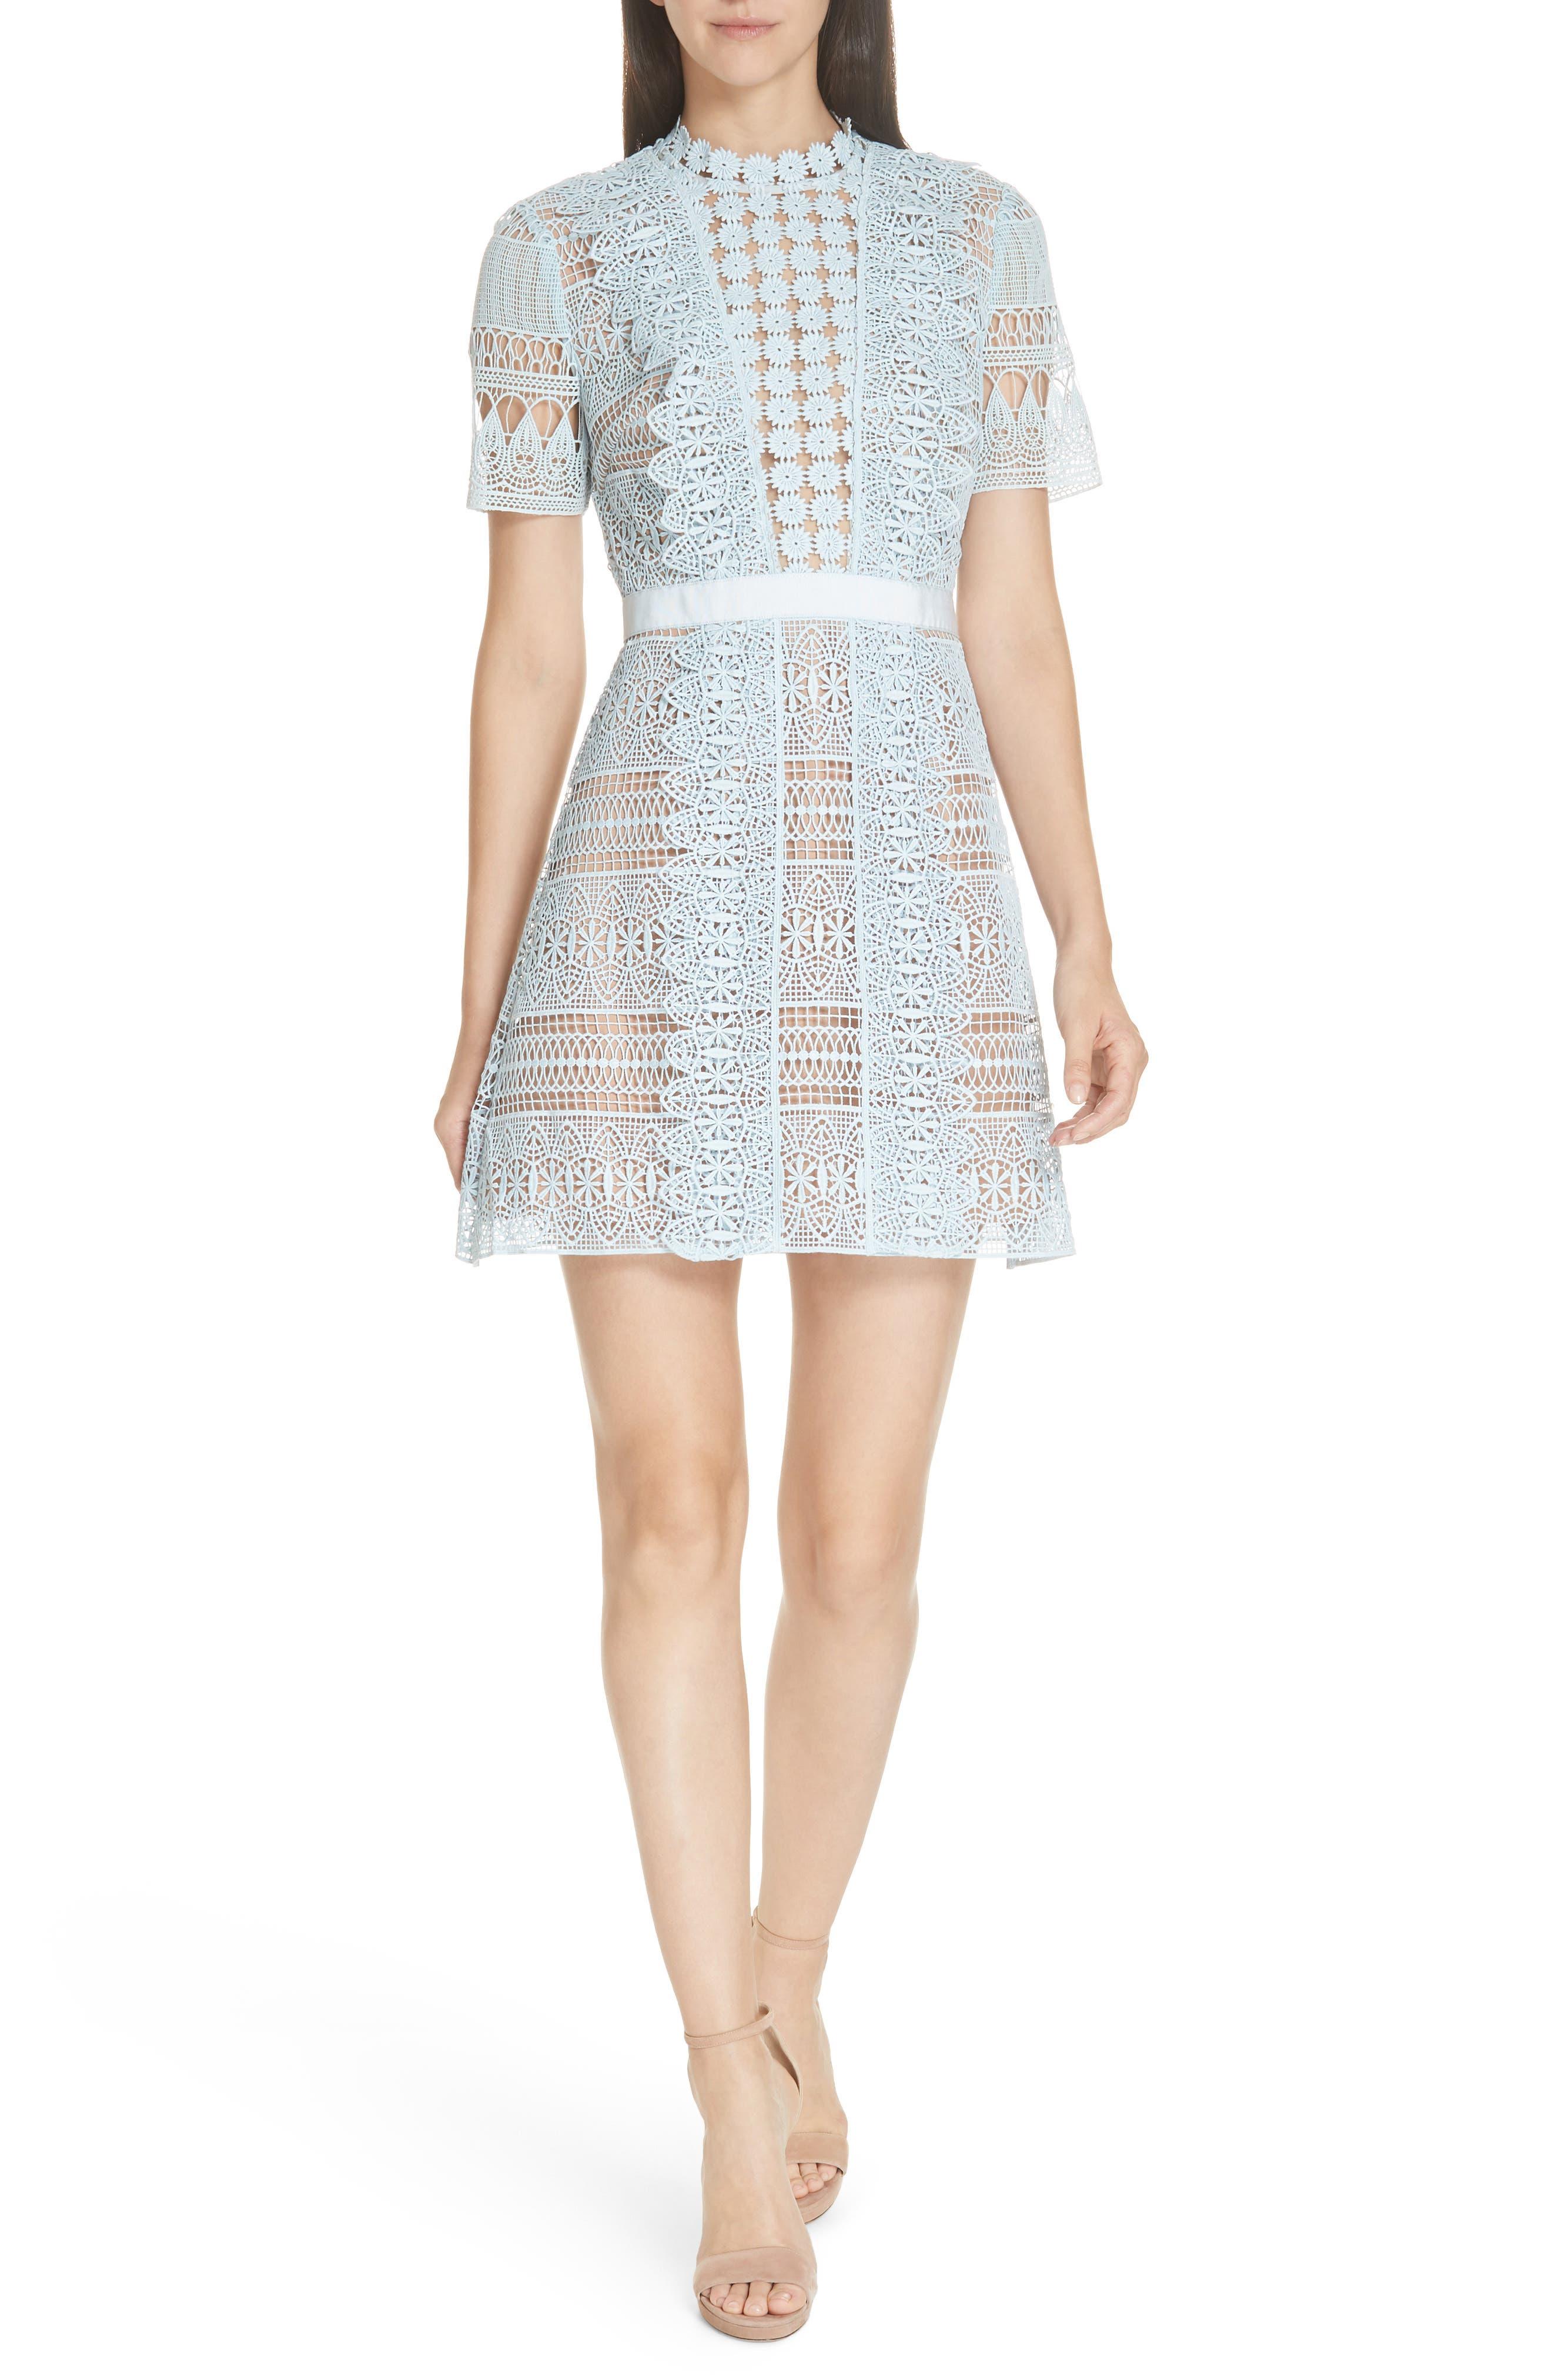 SELF-PORTRAIT,                             Lace A-Line Minidress,                             Main thumbnail 1, color,                             BLUE